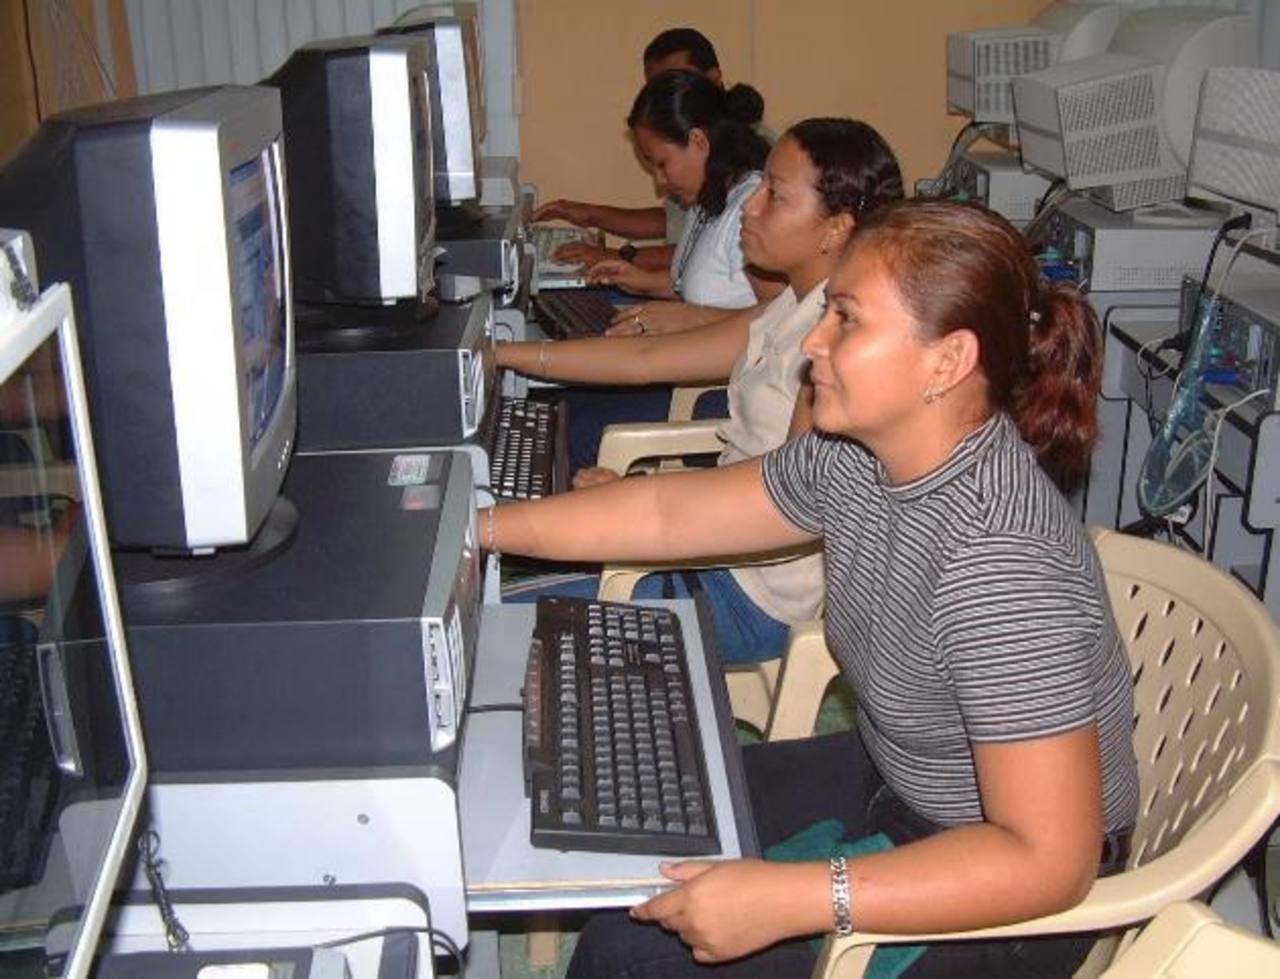 La educación virtual favorece a los adultos que, por distintas razones, no pudieron terminar sus estudios de enseñanza media en el sistema regular. Foto EDH/archivo